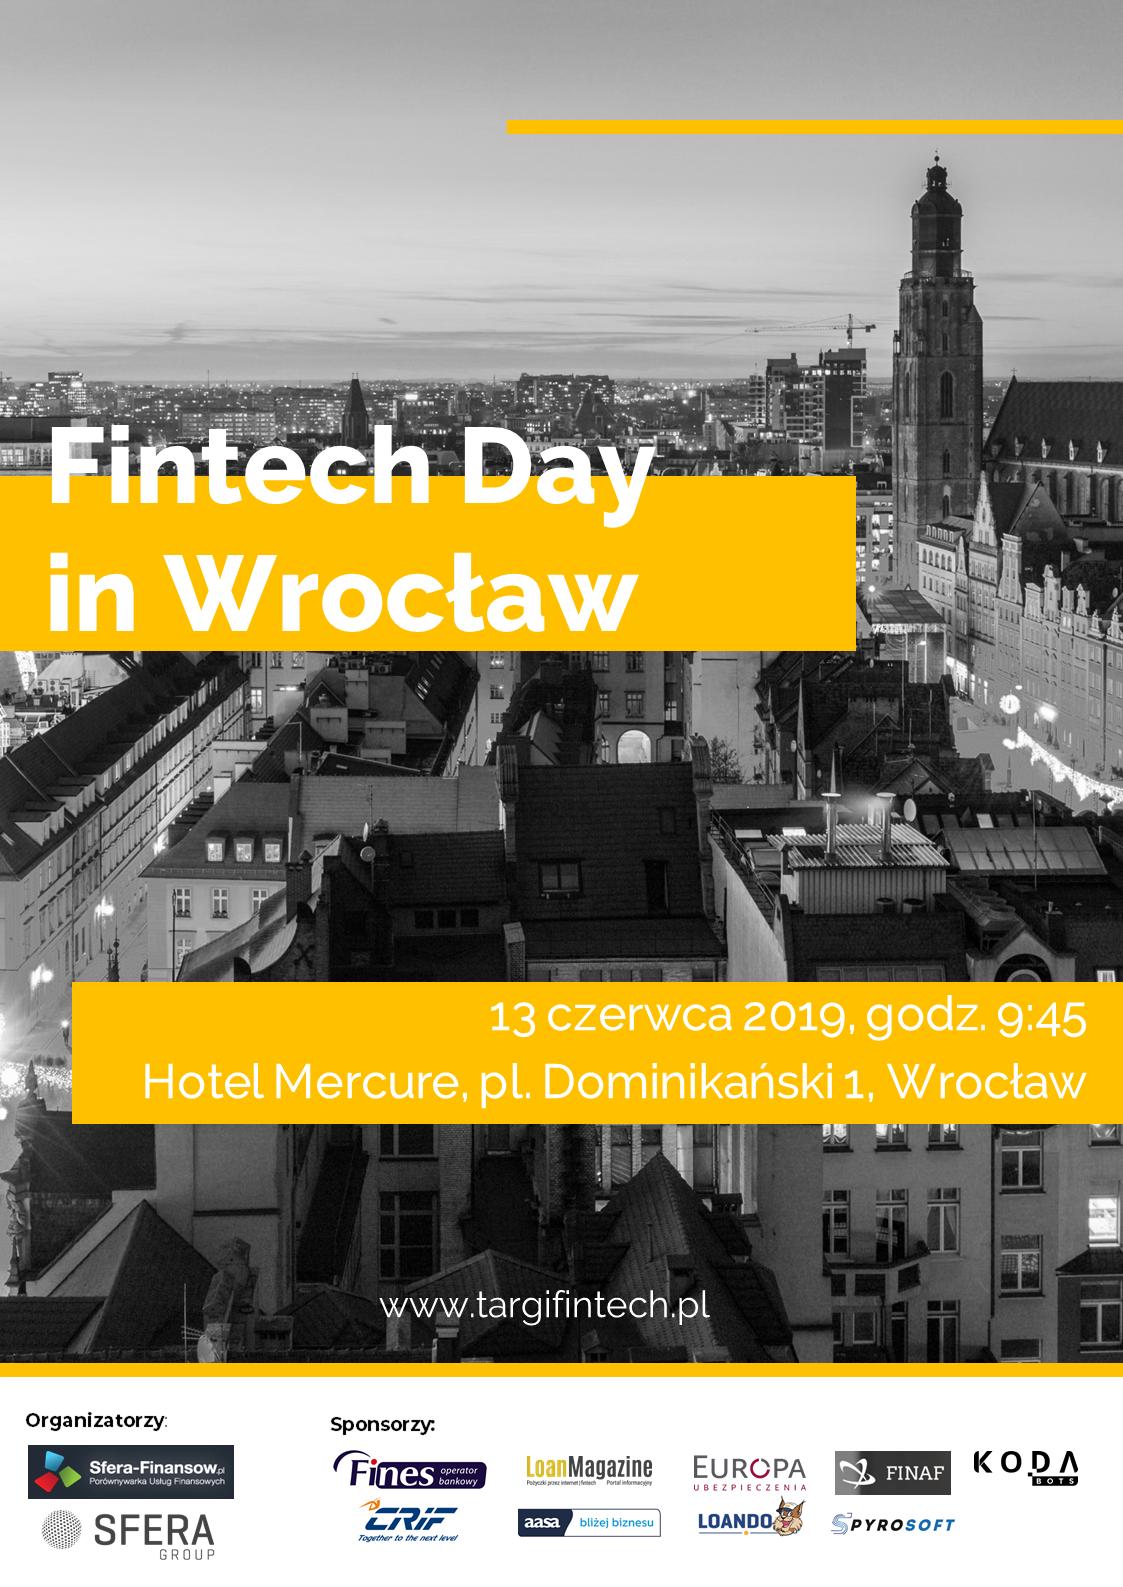 plakat_fintech_day_in_wroclaw